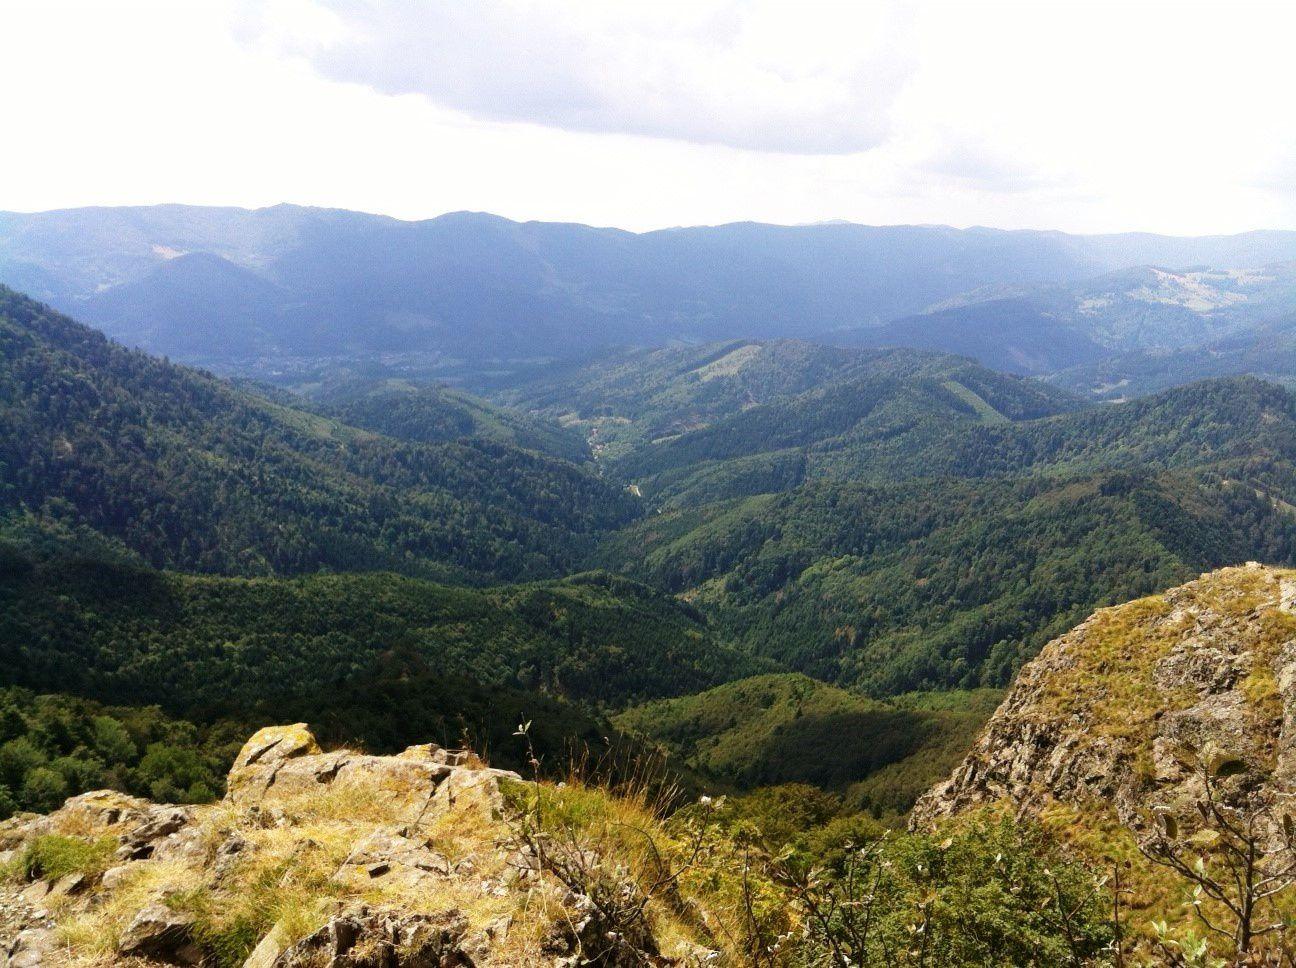 Mercredi 31 août - Randonnée dans le massif du Rossberg